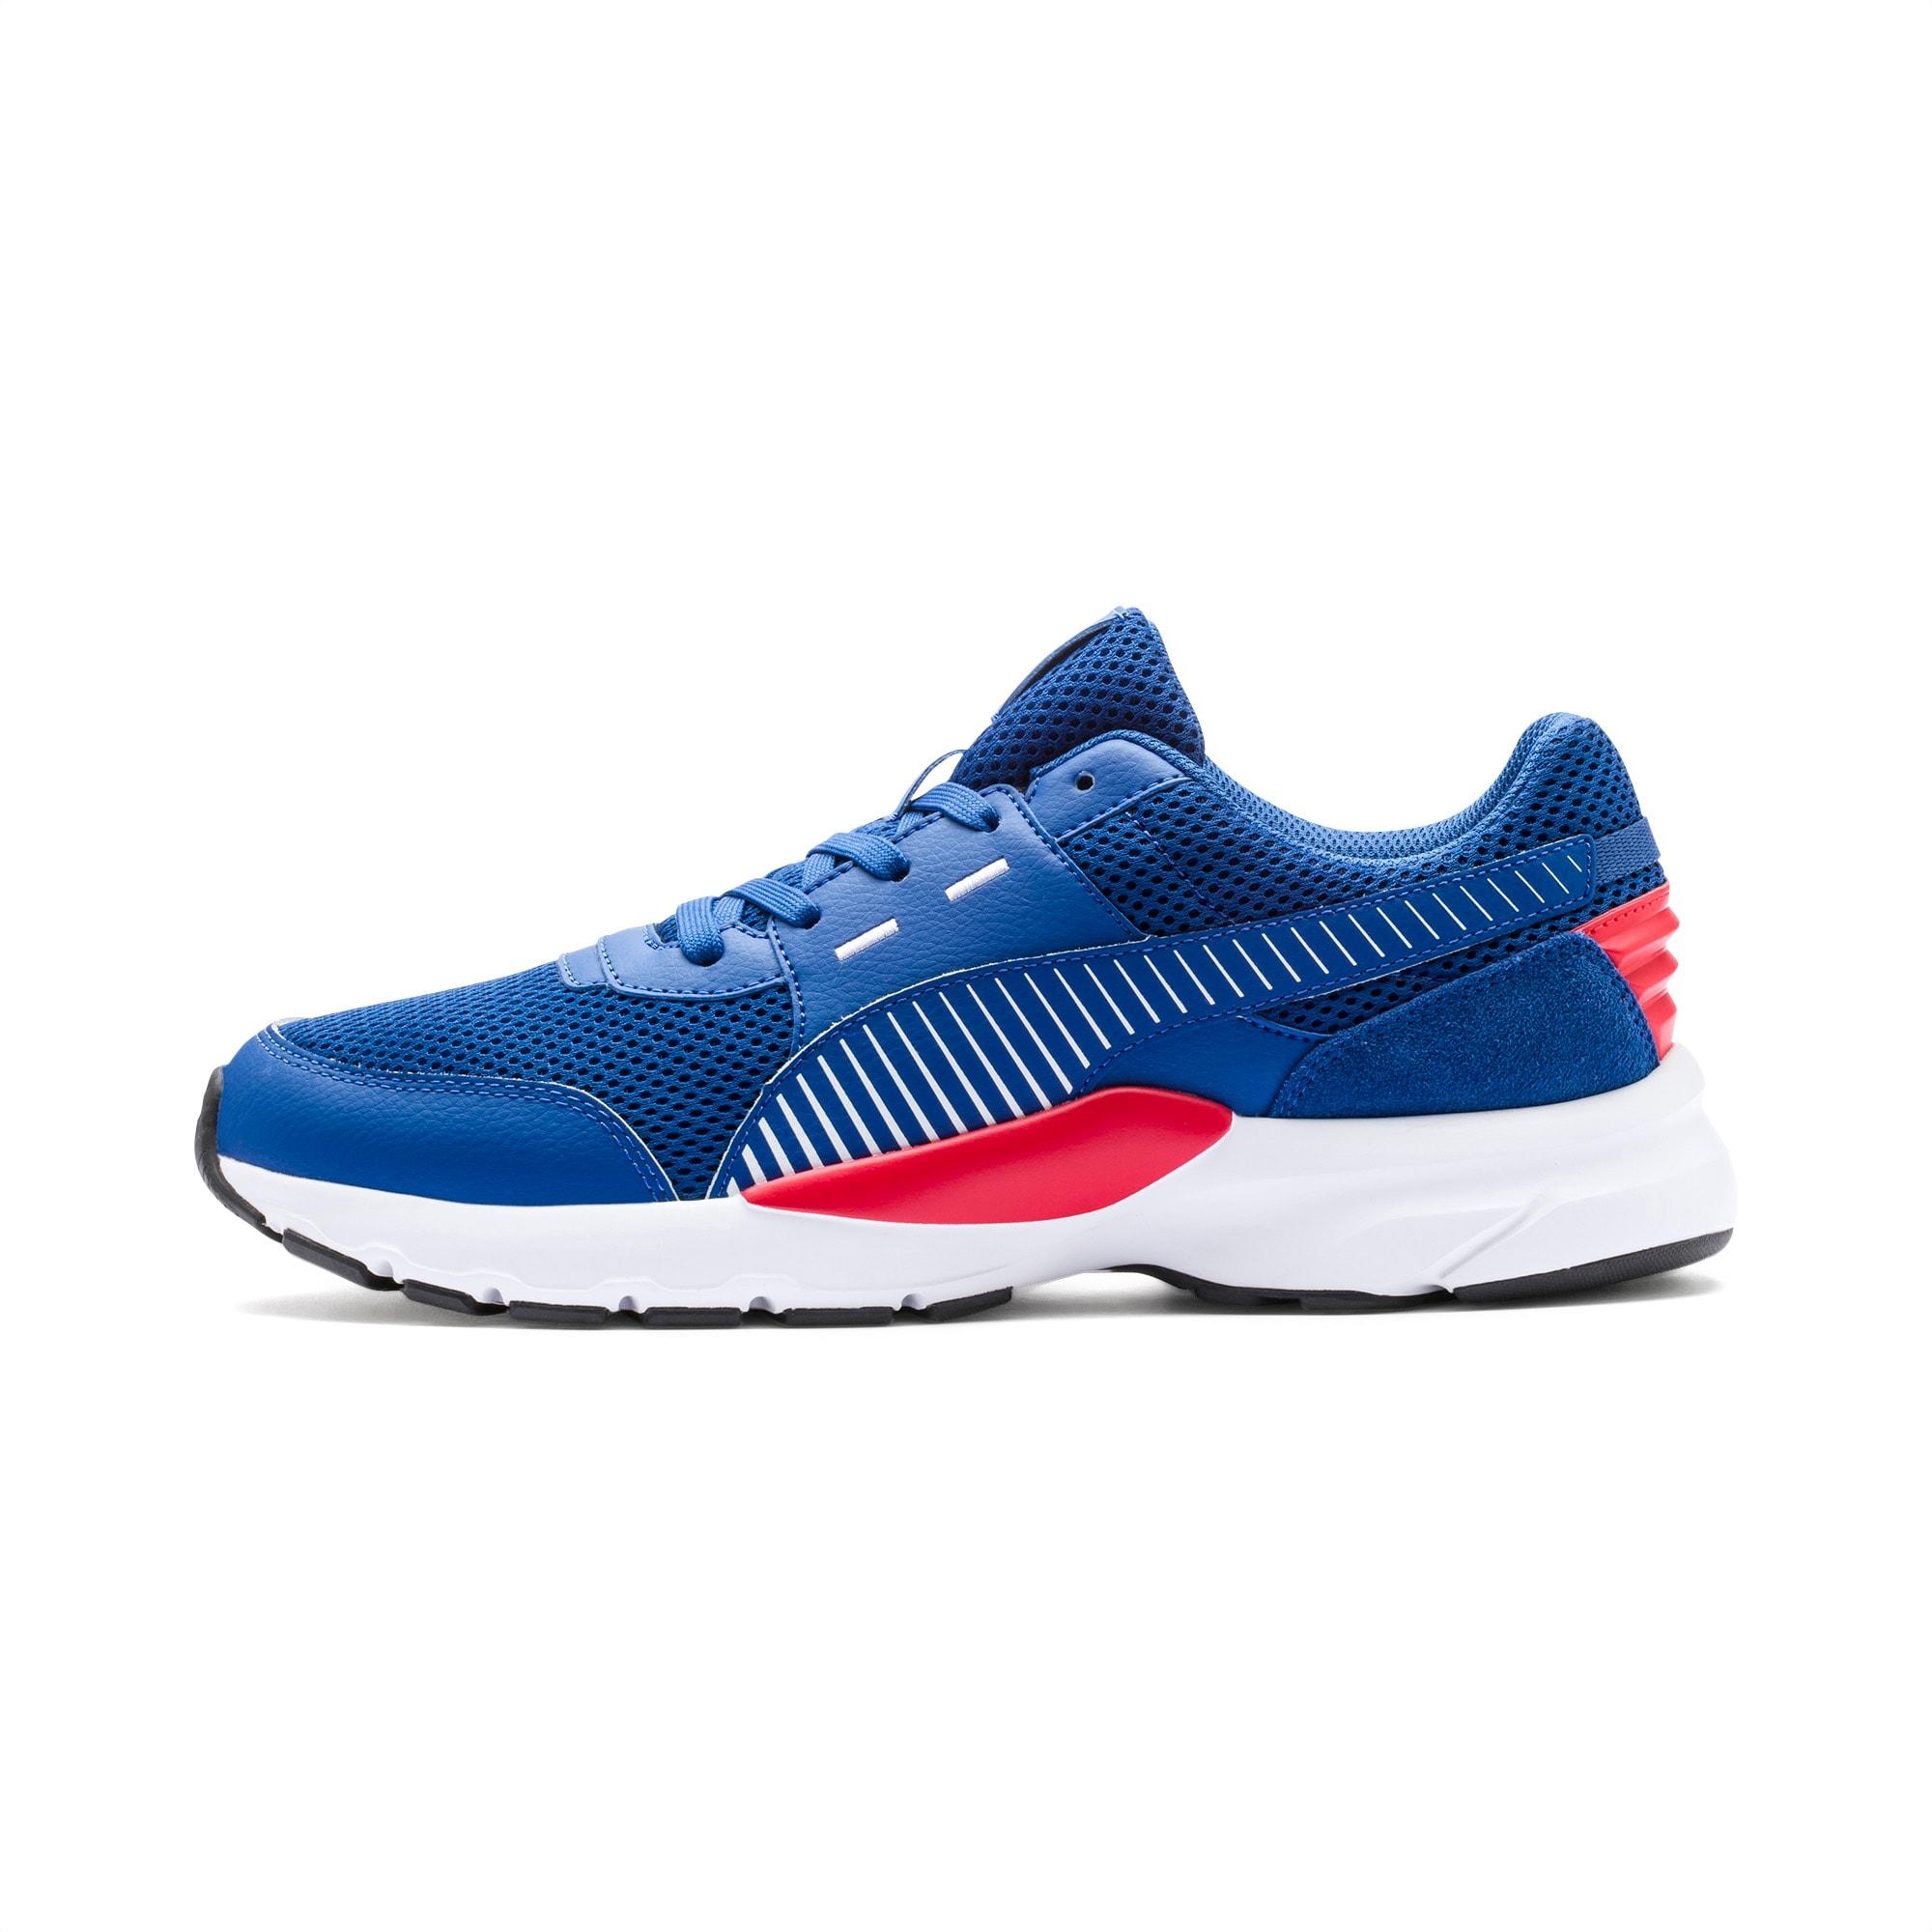 Scarpe Running Future Runner Premium   04   Scarpe Puma